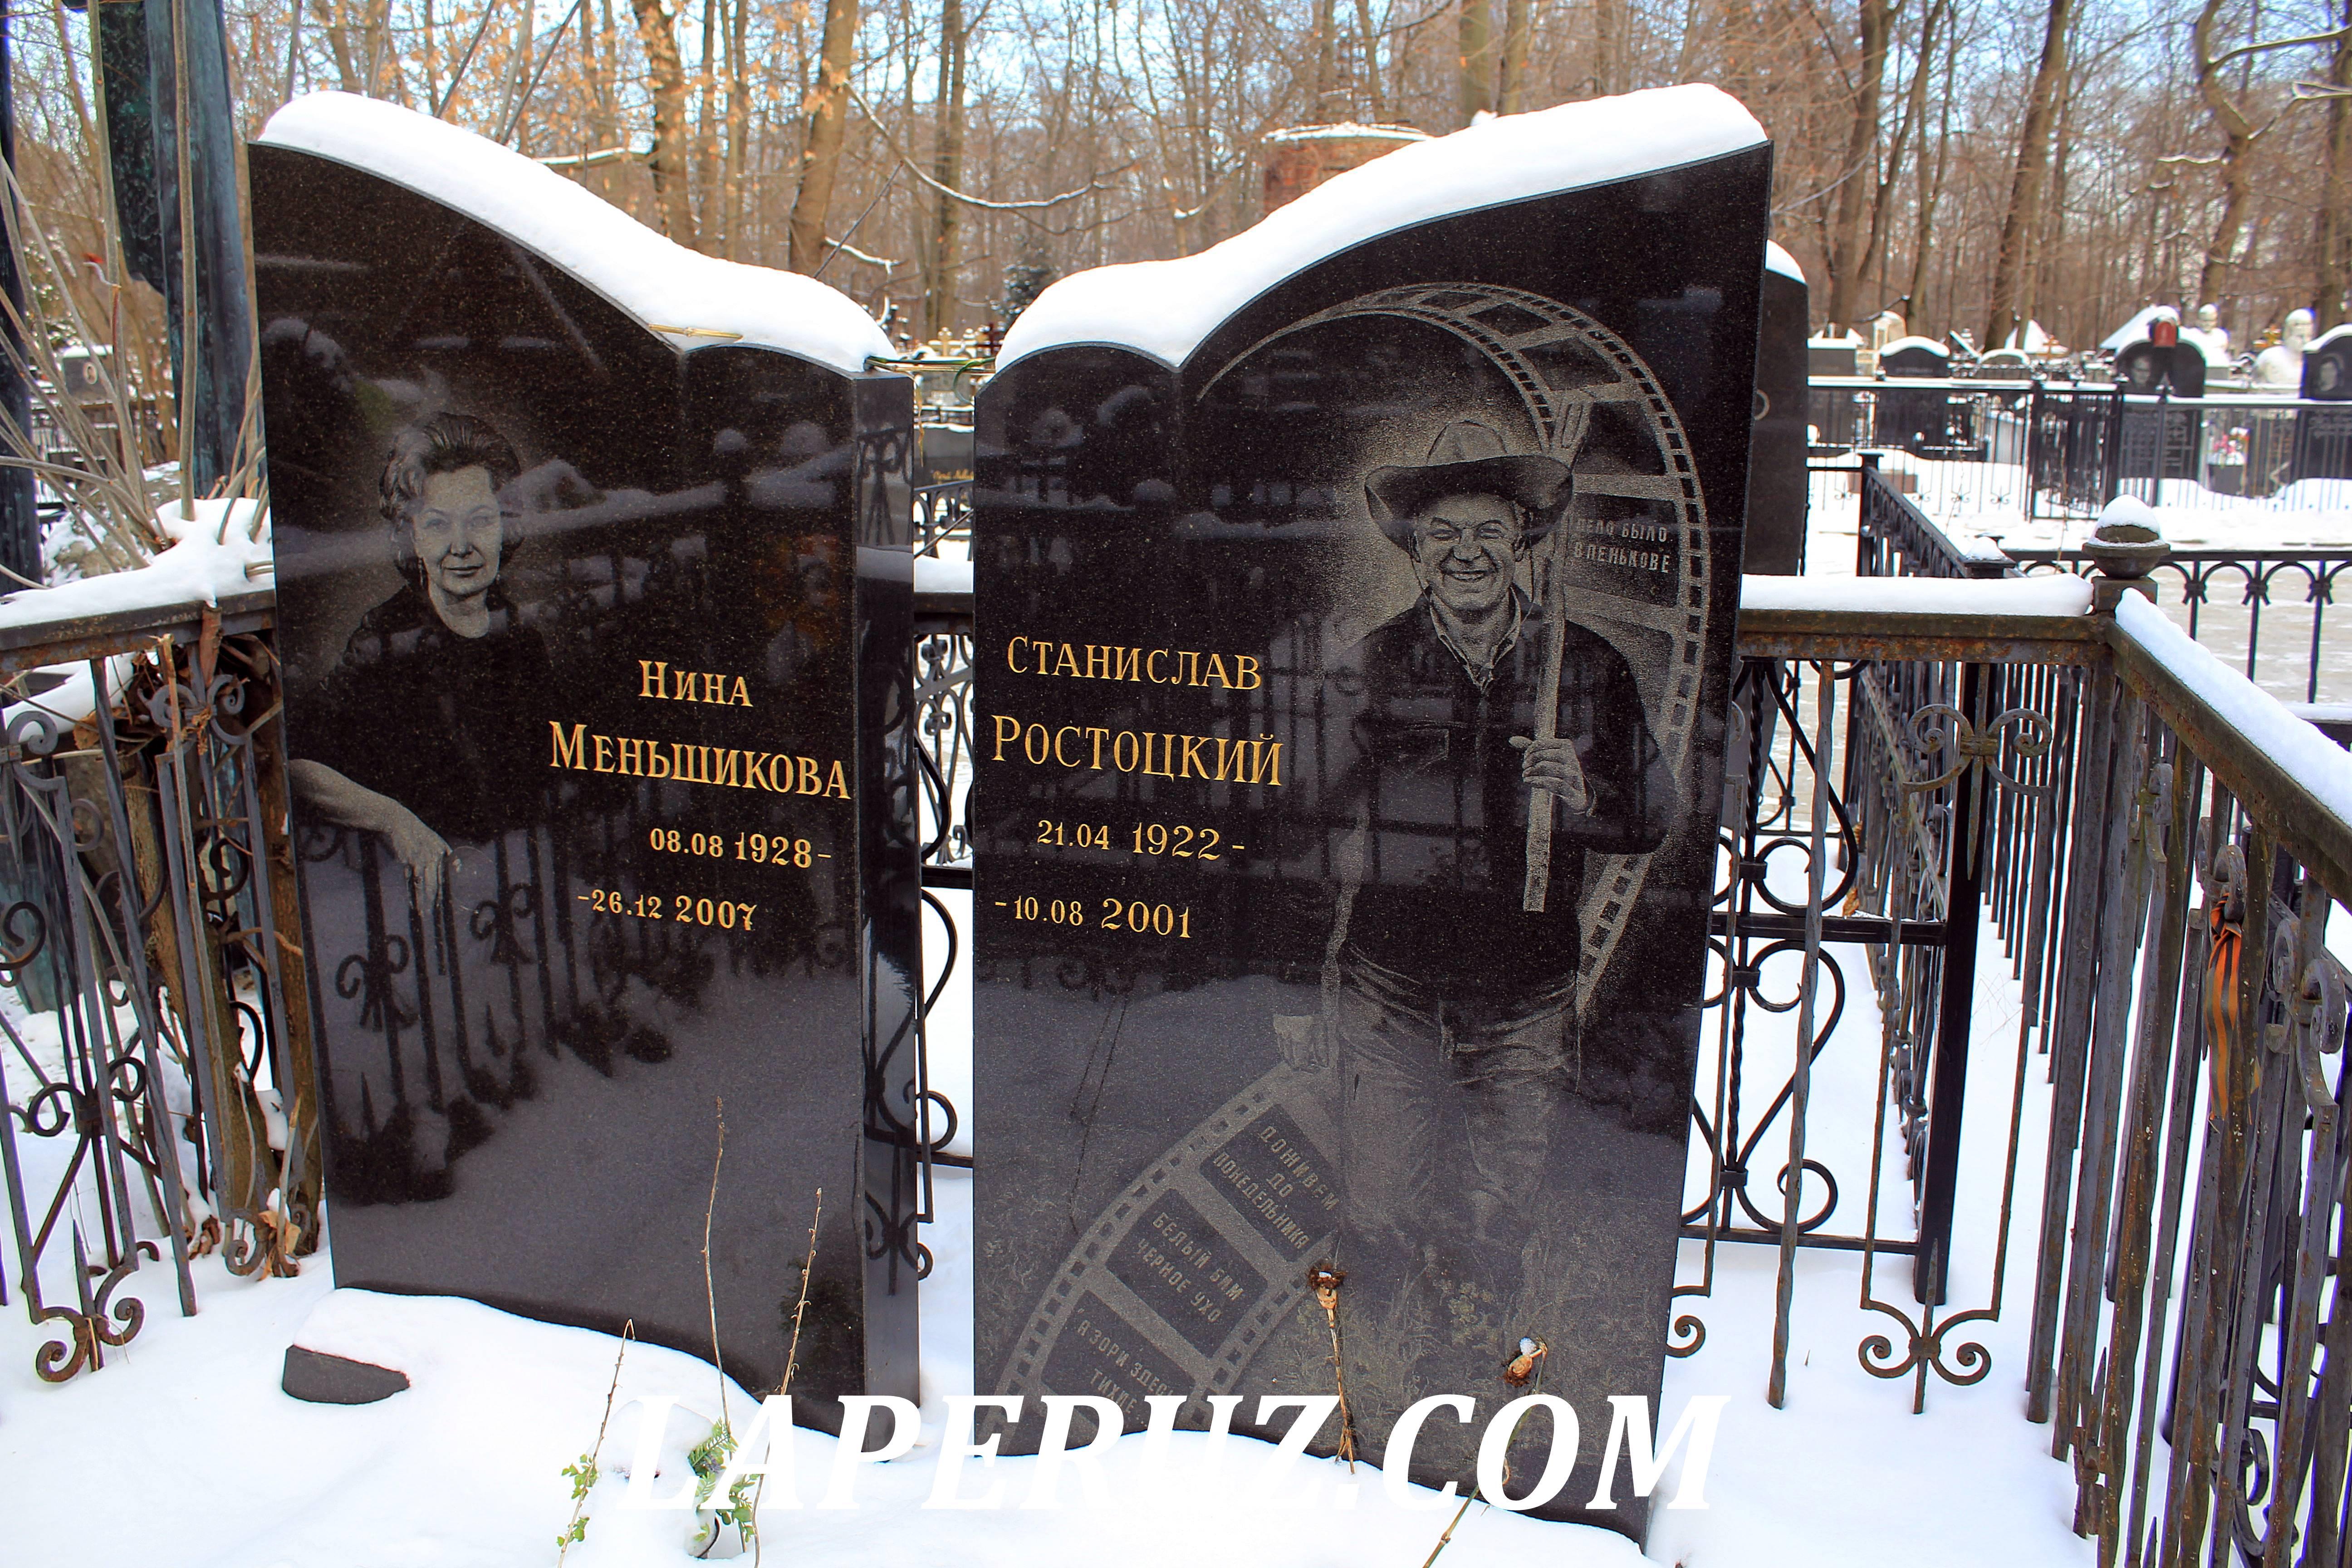 rostockie_vagankovskoe_kladbische_moskva